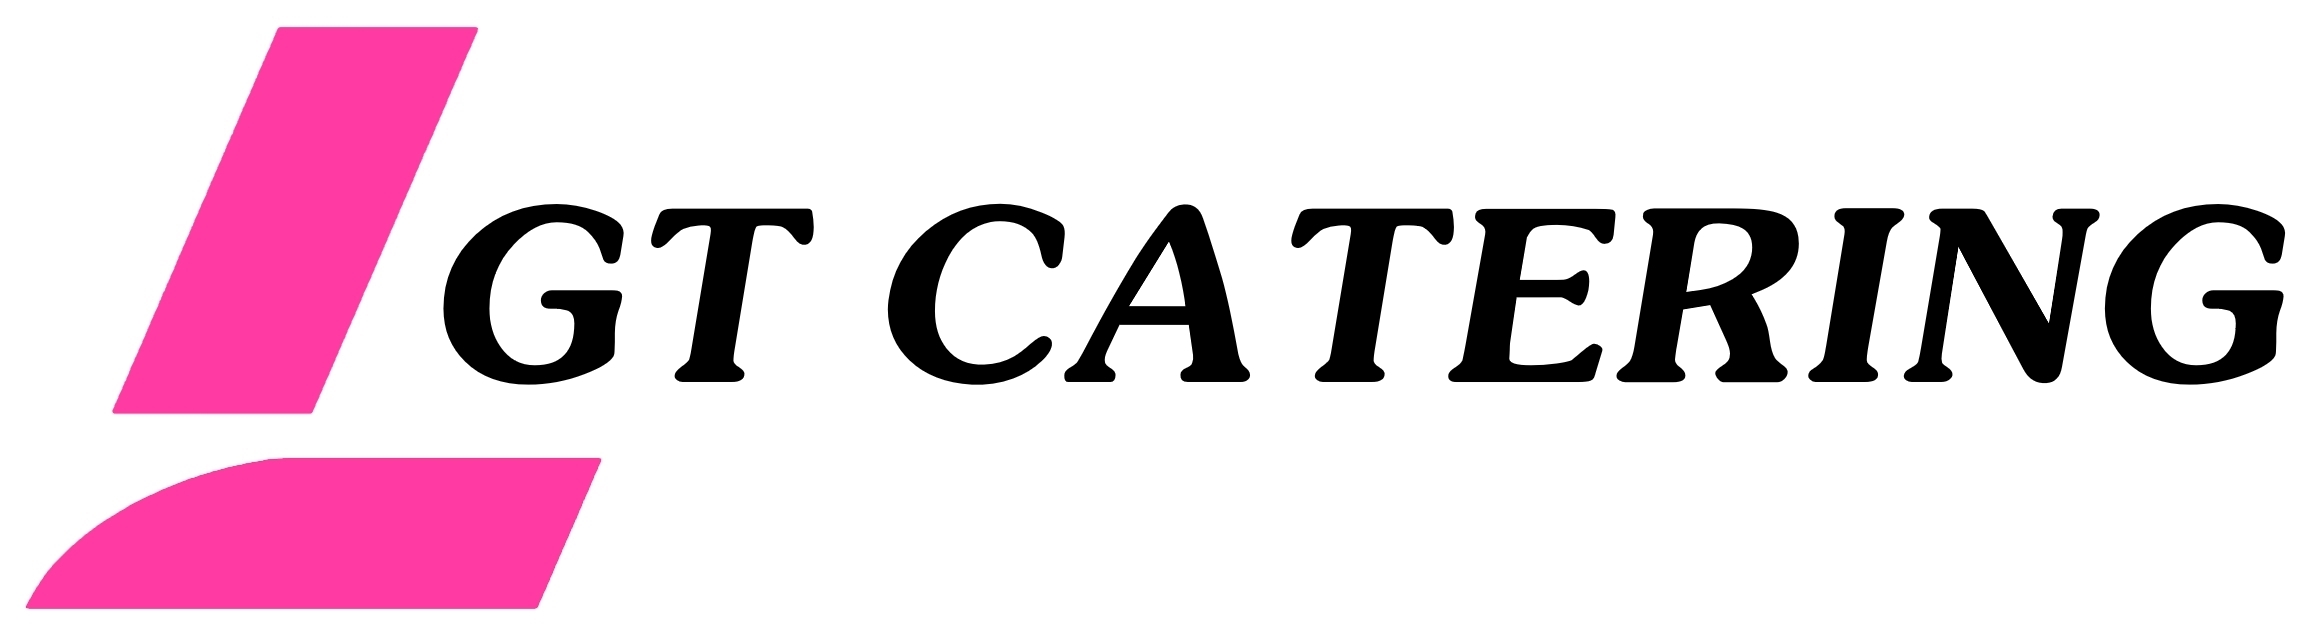 GT Catering - Matériel professionnel et pièces détachés pour forain